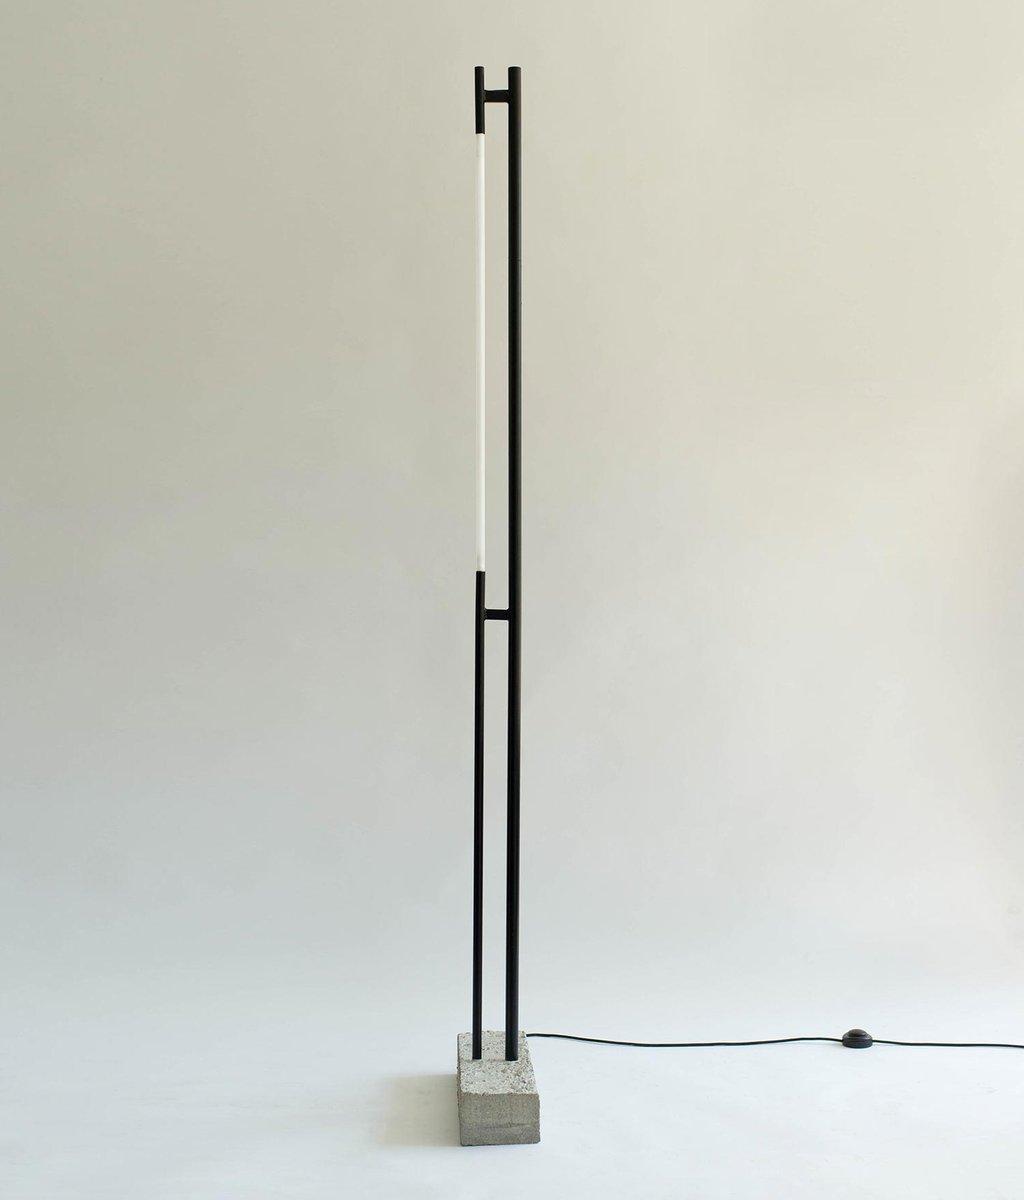 Pompidu II Stehlampe von Tom Strala